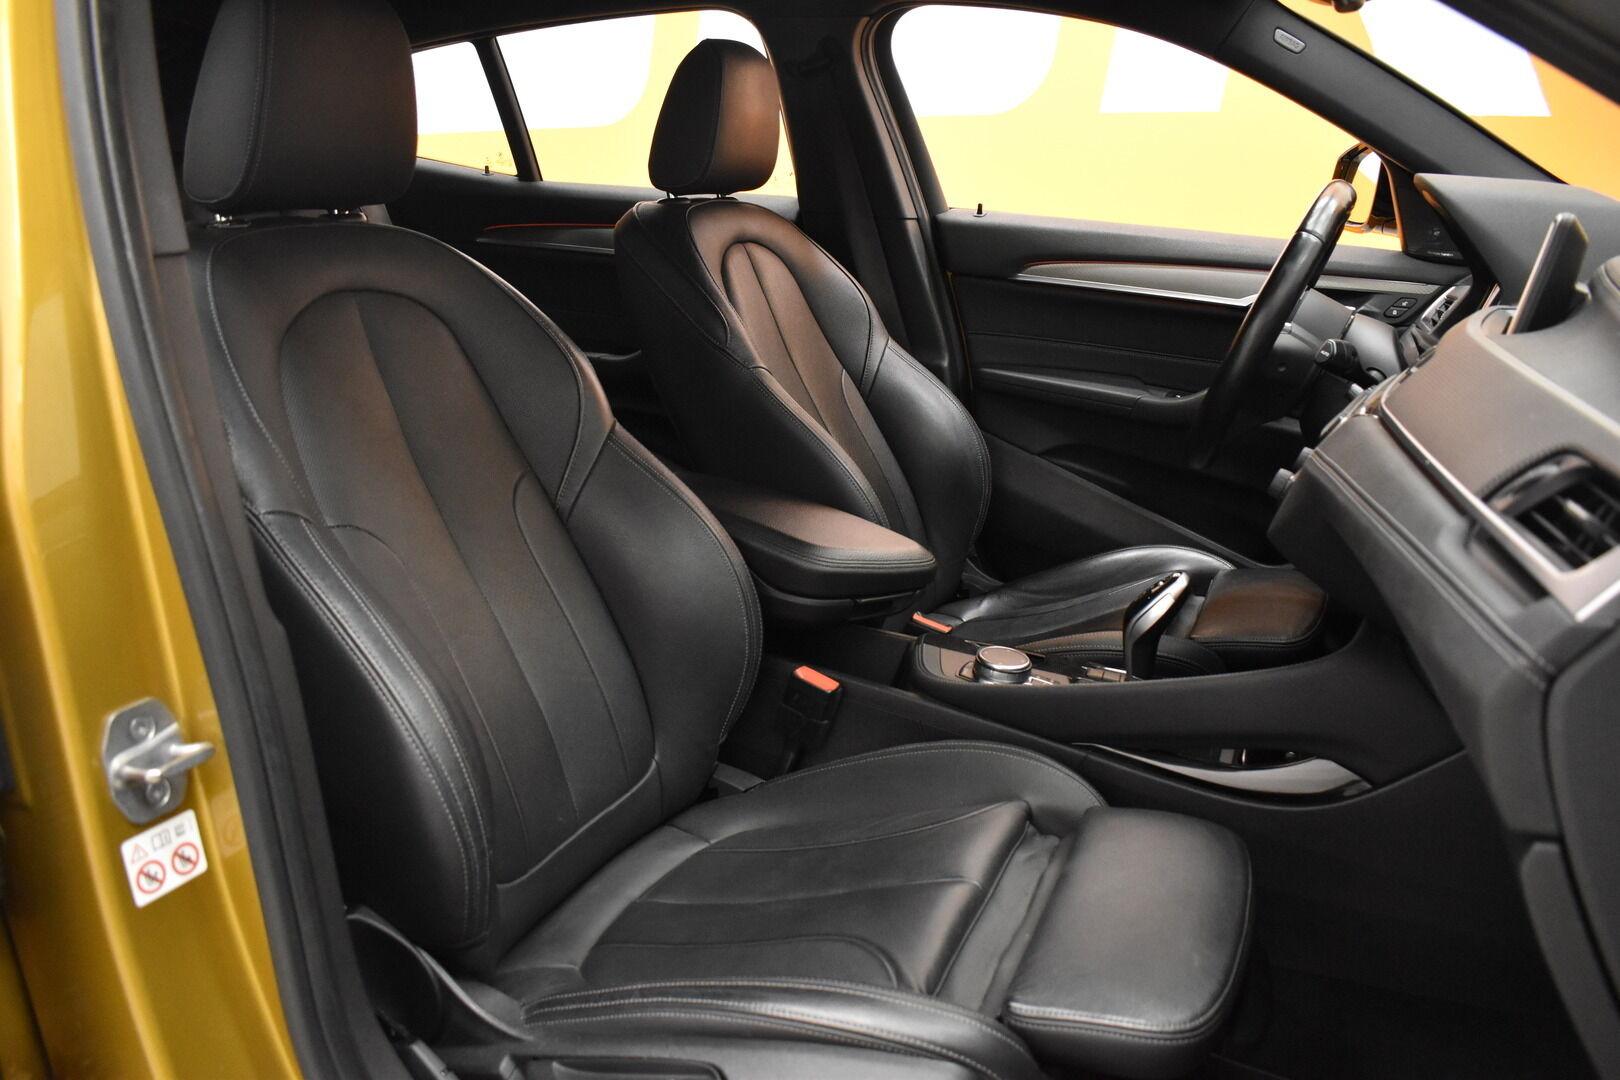 Keltainen Maastoauto, BMW X2 – LAH-64417, kuva 7